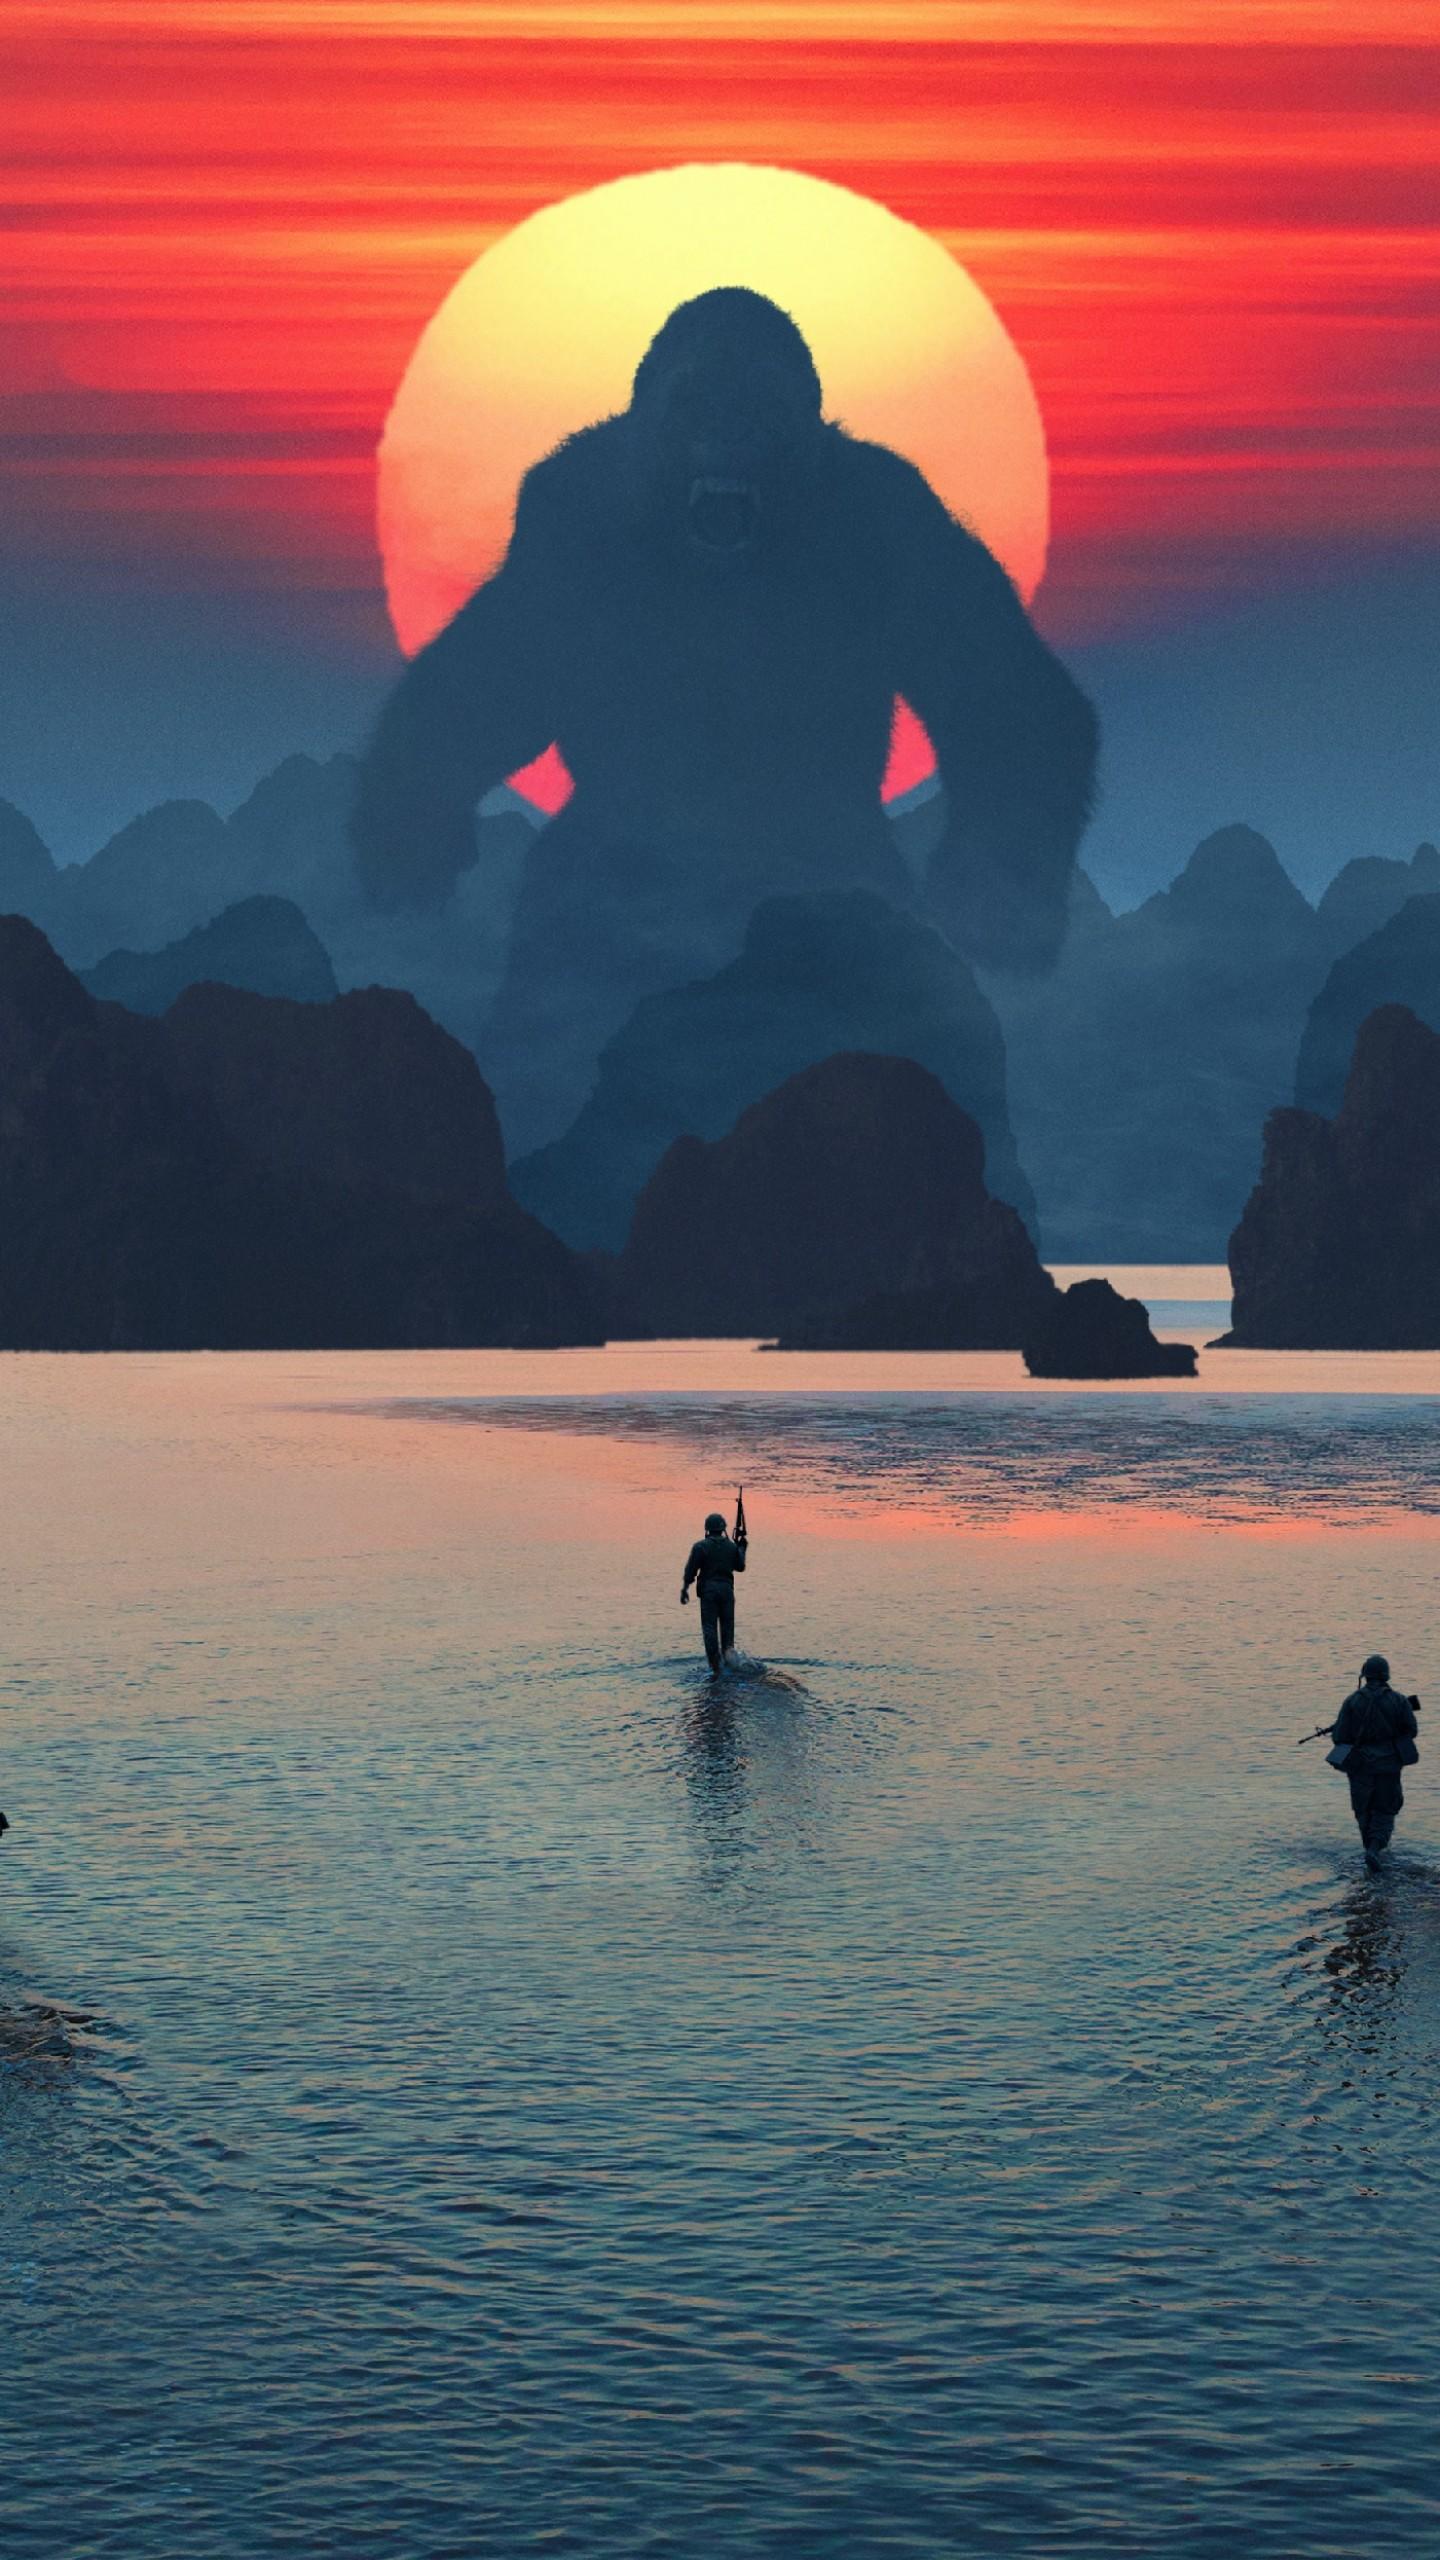 عکس زمینه فیلم کنگ در جزیره جمجمه پس زمینه